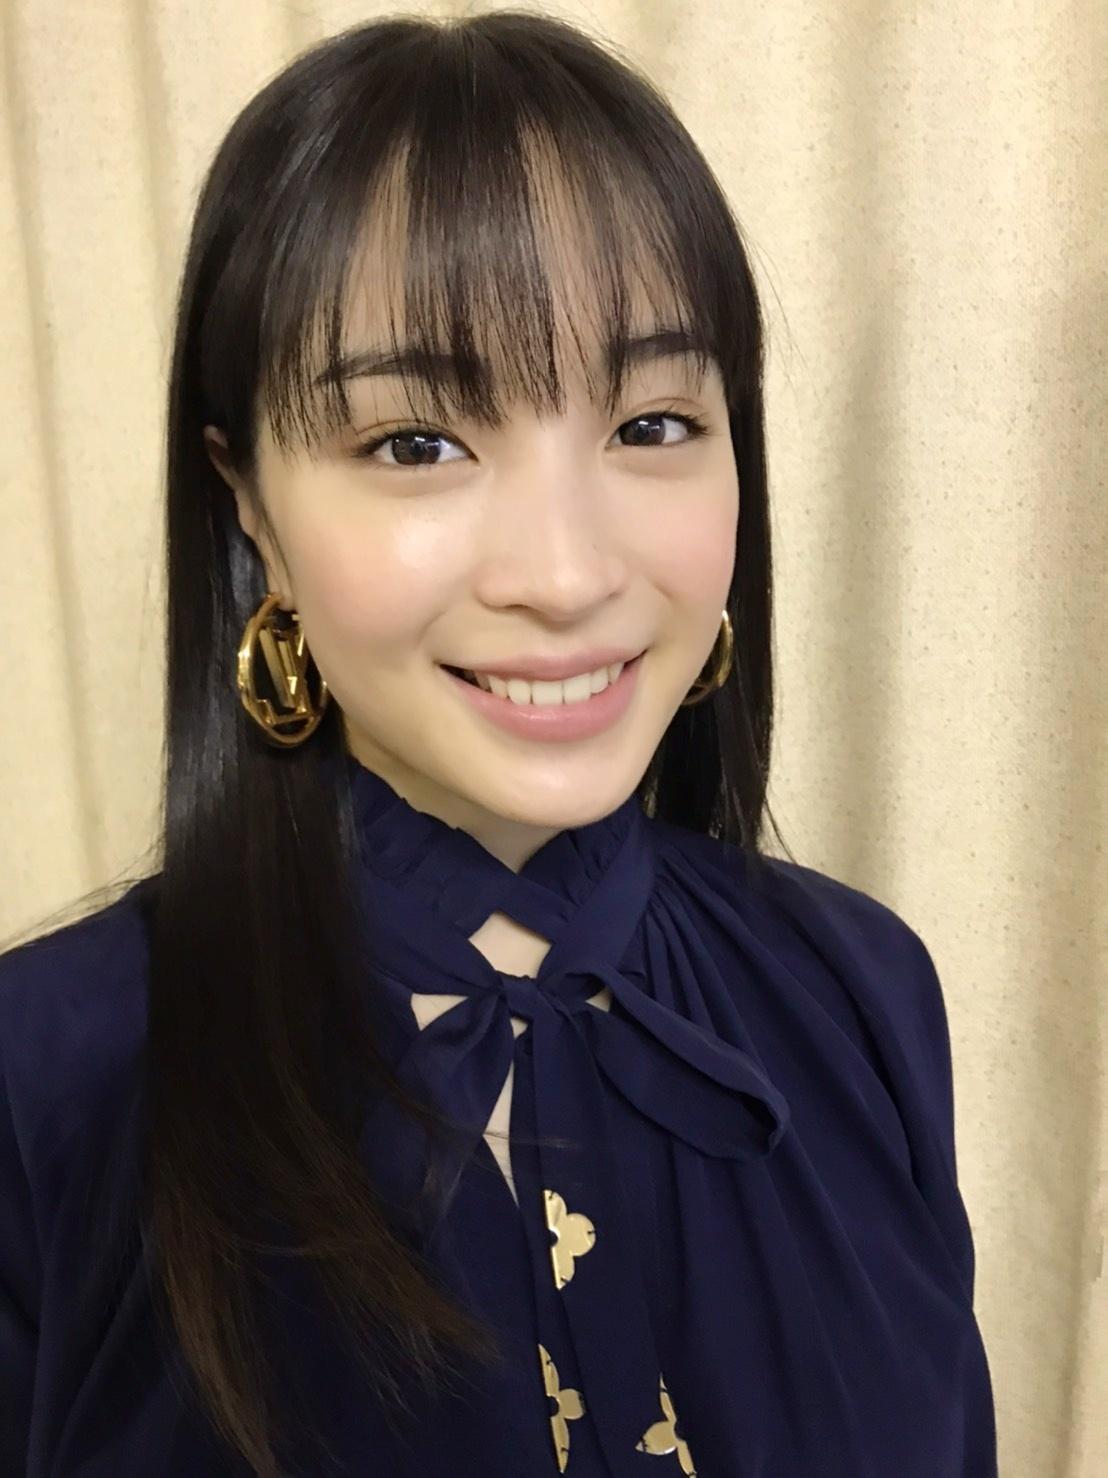 祝!広瀬すず姫 紀伊國屋演劇賞 受賞♪_d0339889_16423779.jpg